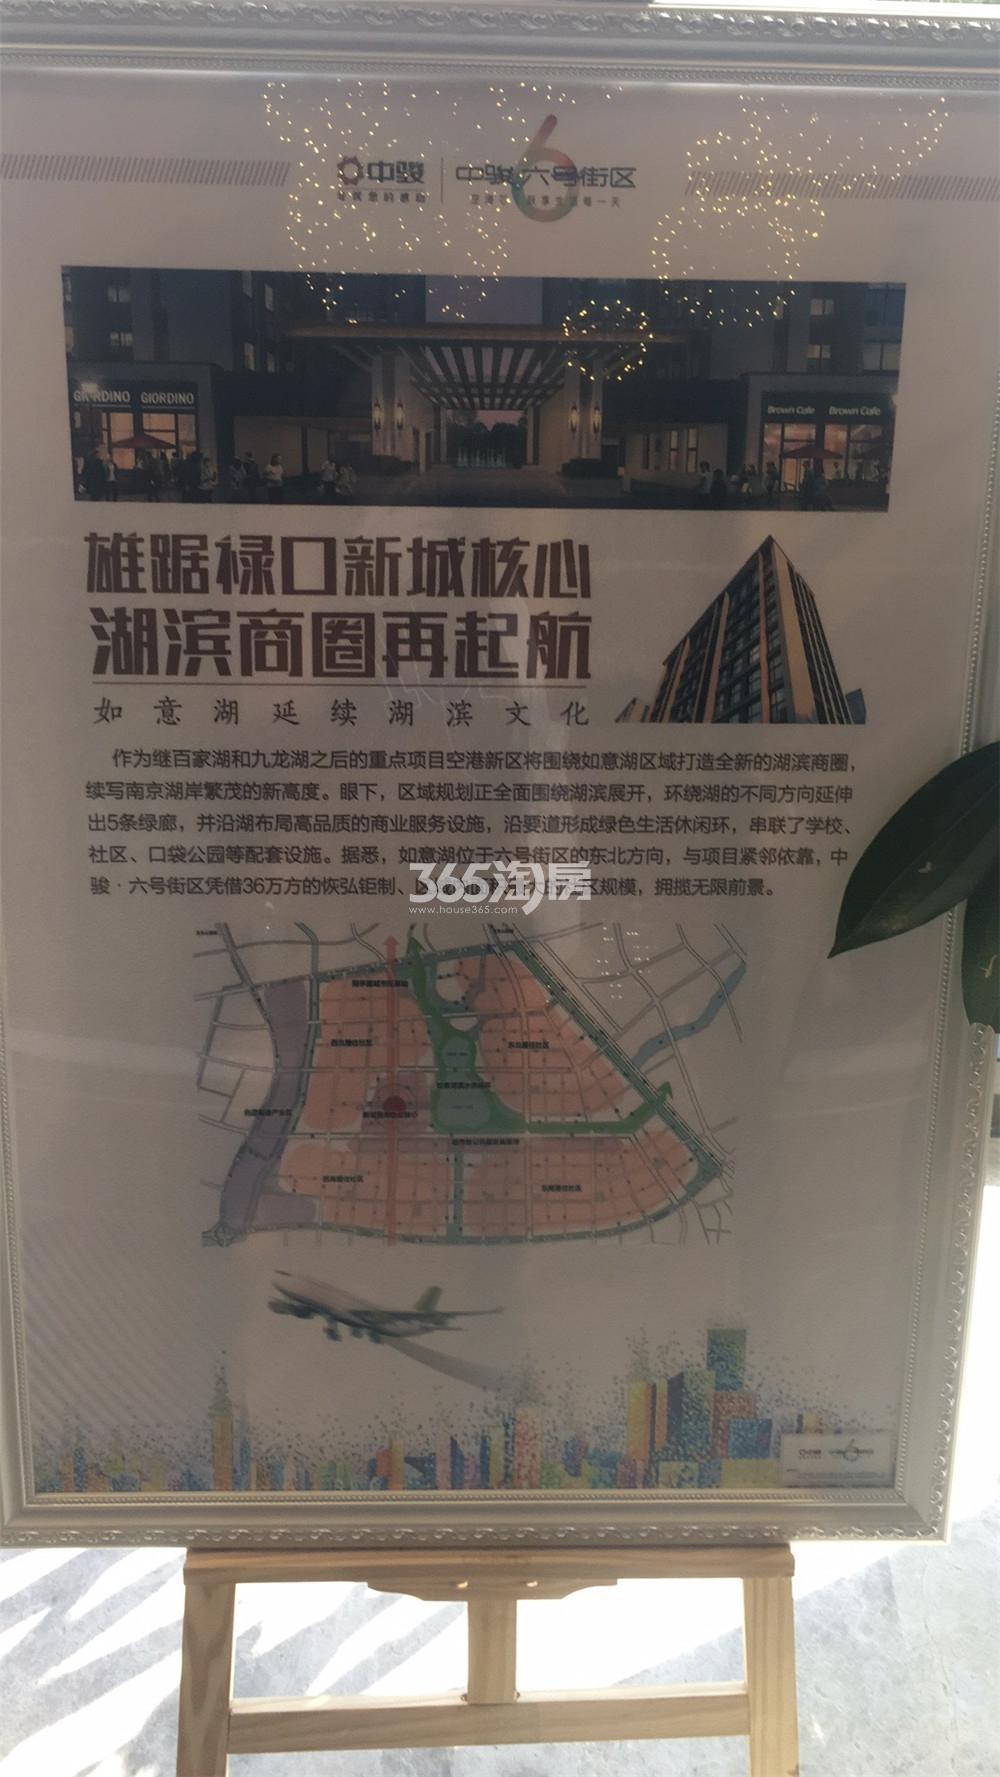 中骏六号街区禄口新城简介(1.16)